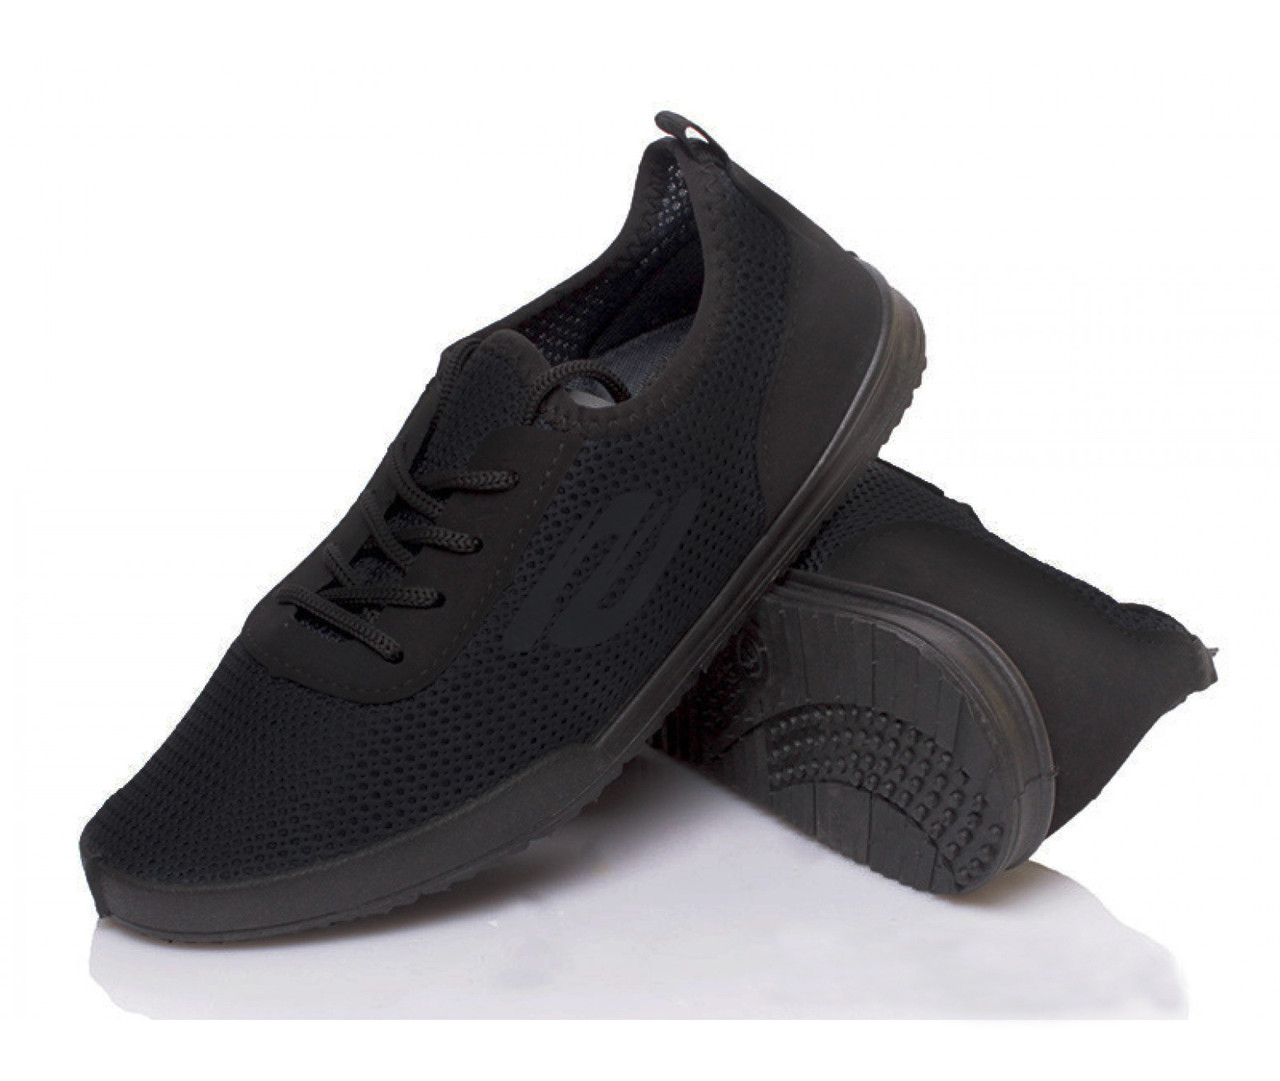 Кроссовки мужские PR-G черные летние сетка 45 р. 29,5 см (983188421)